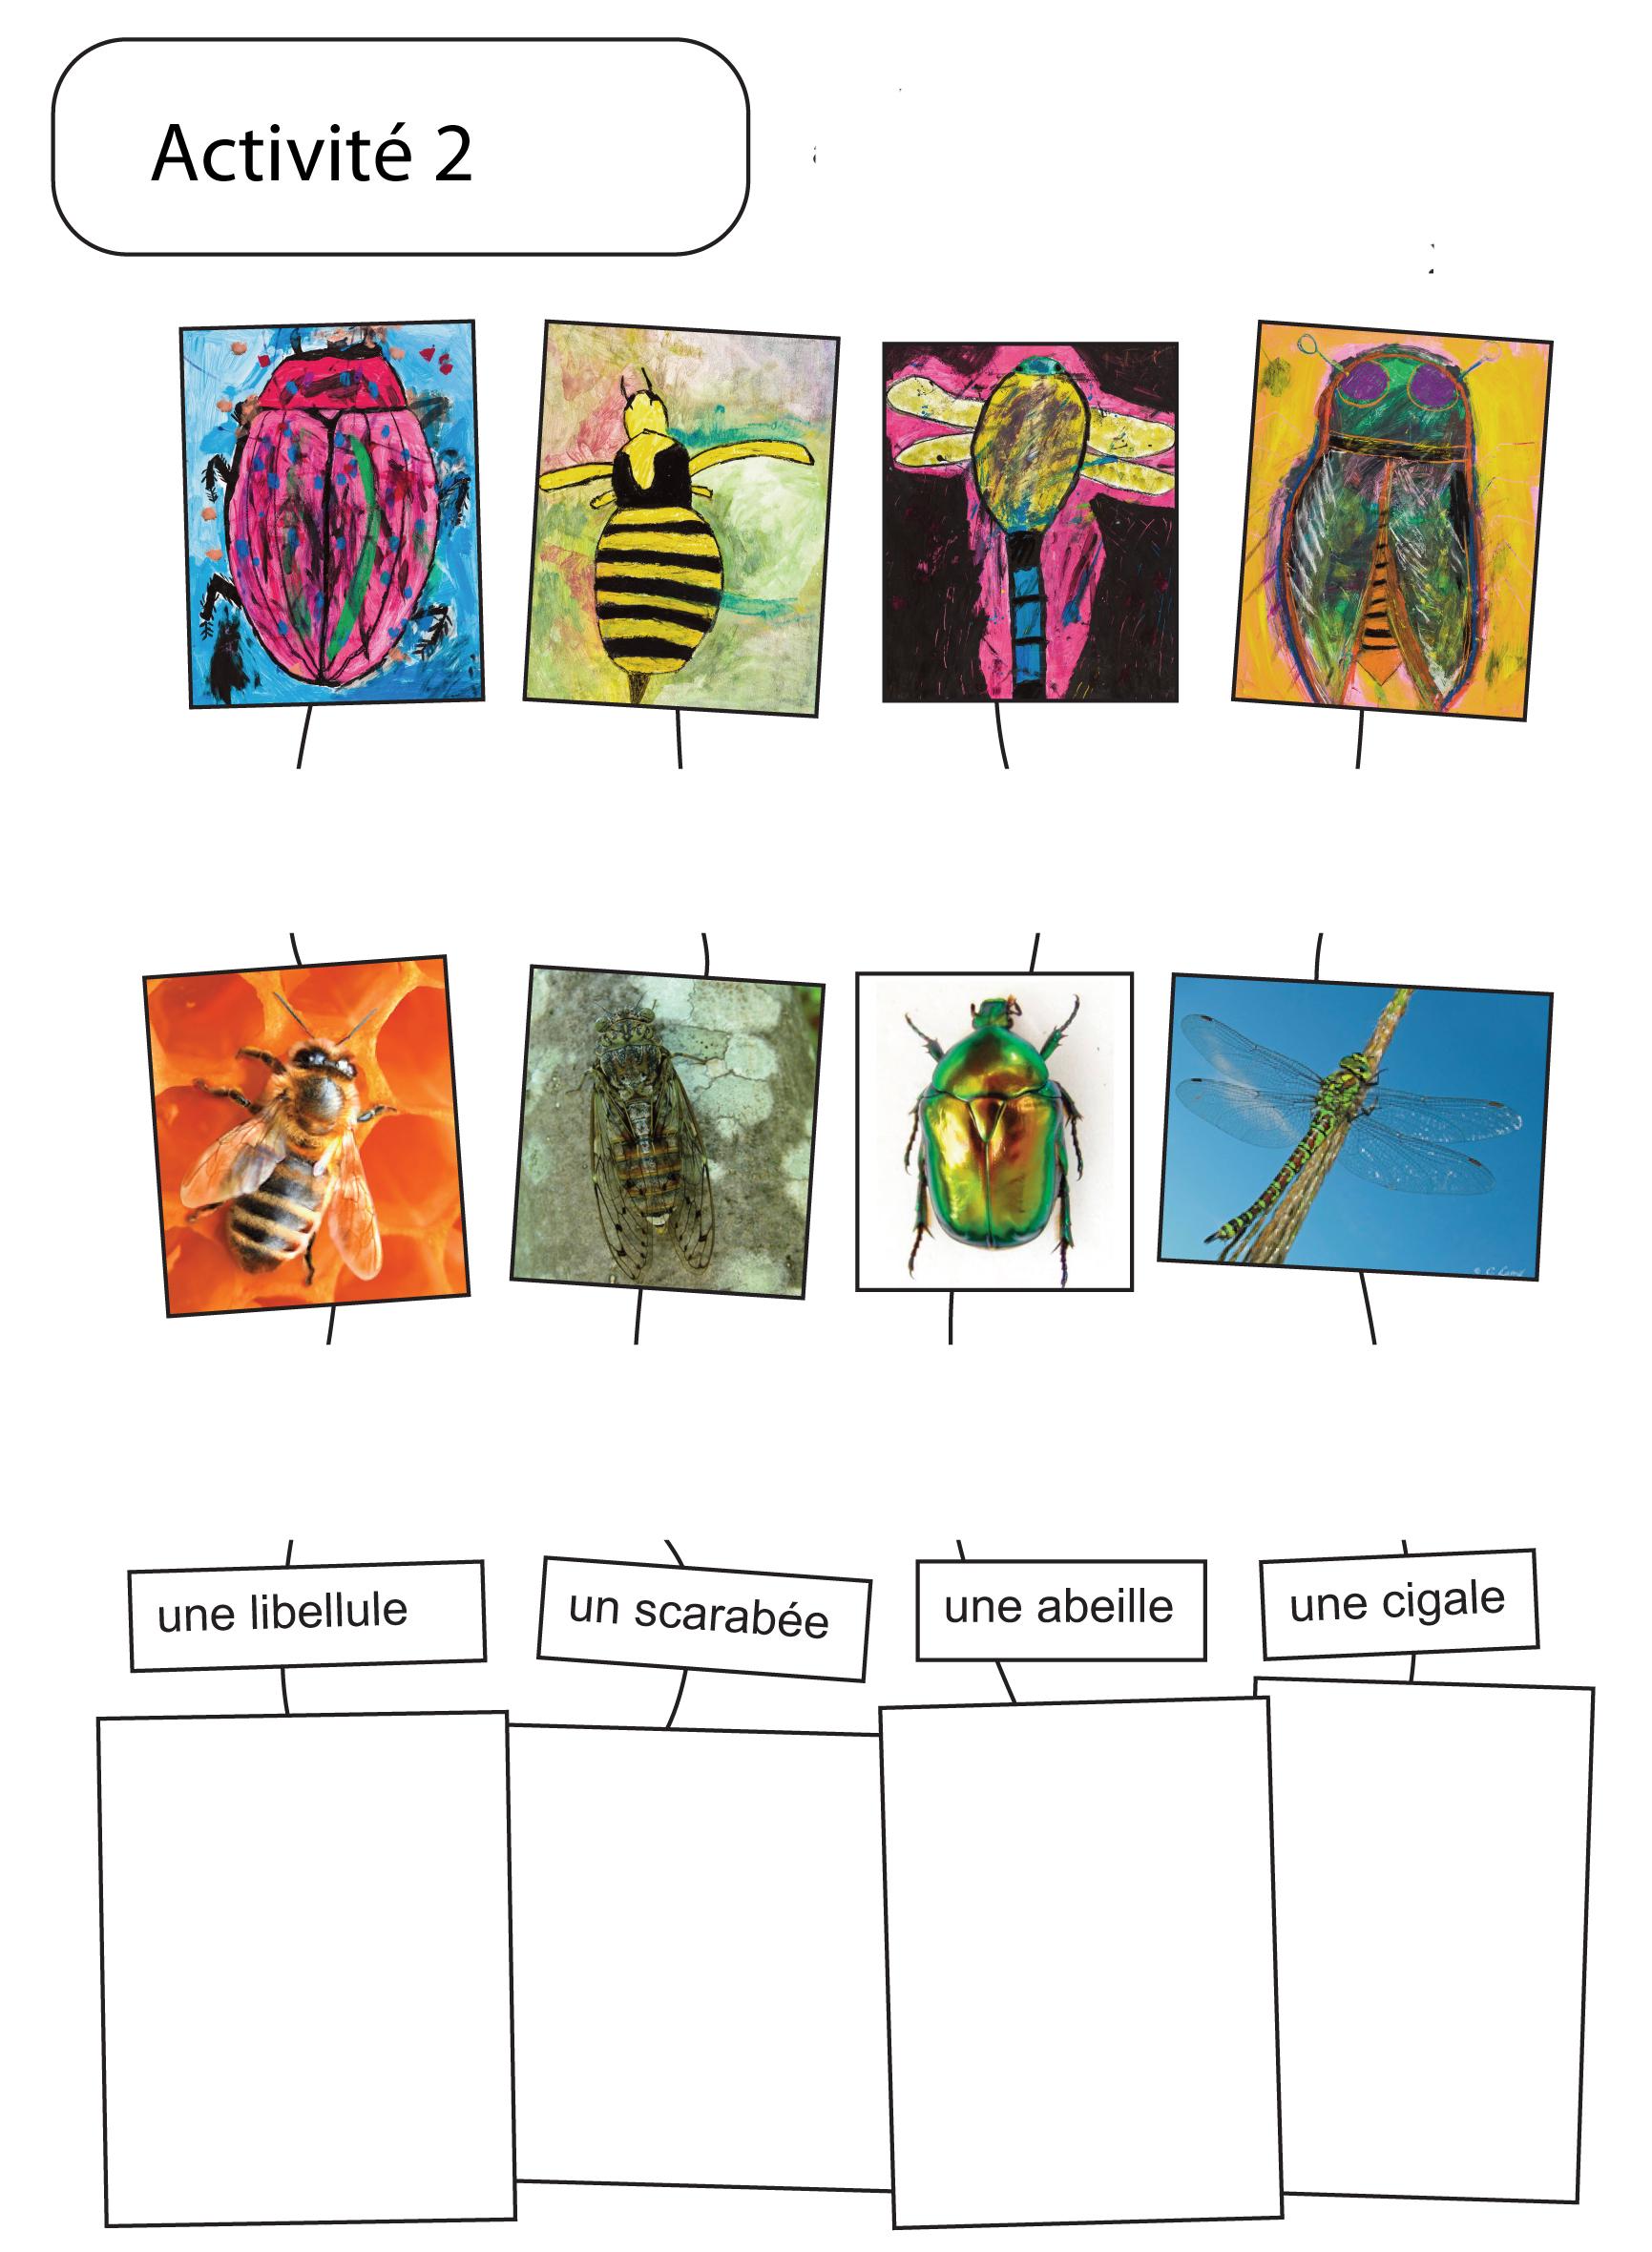 Insectes... Peintures expressives : Exemple 2 d'activité